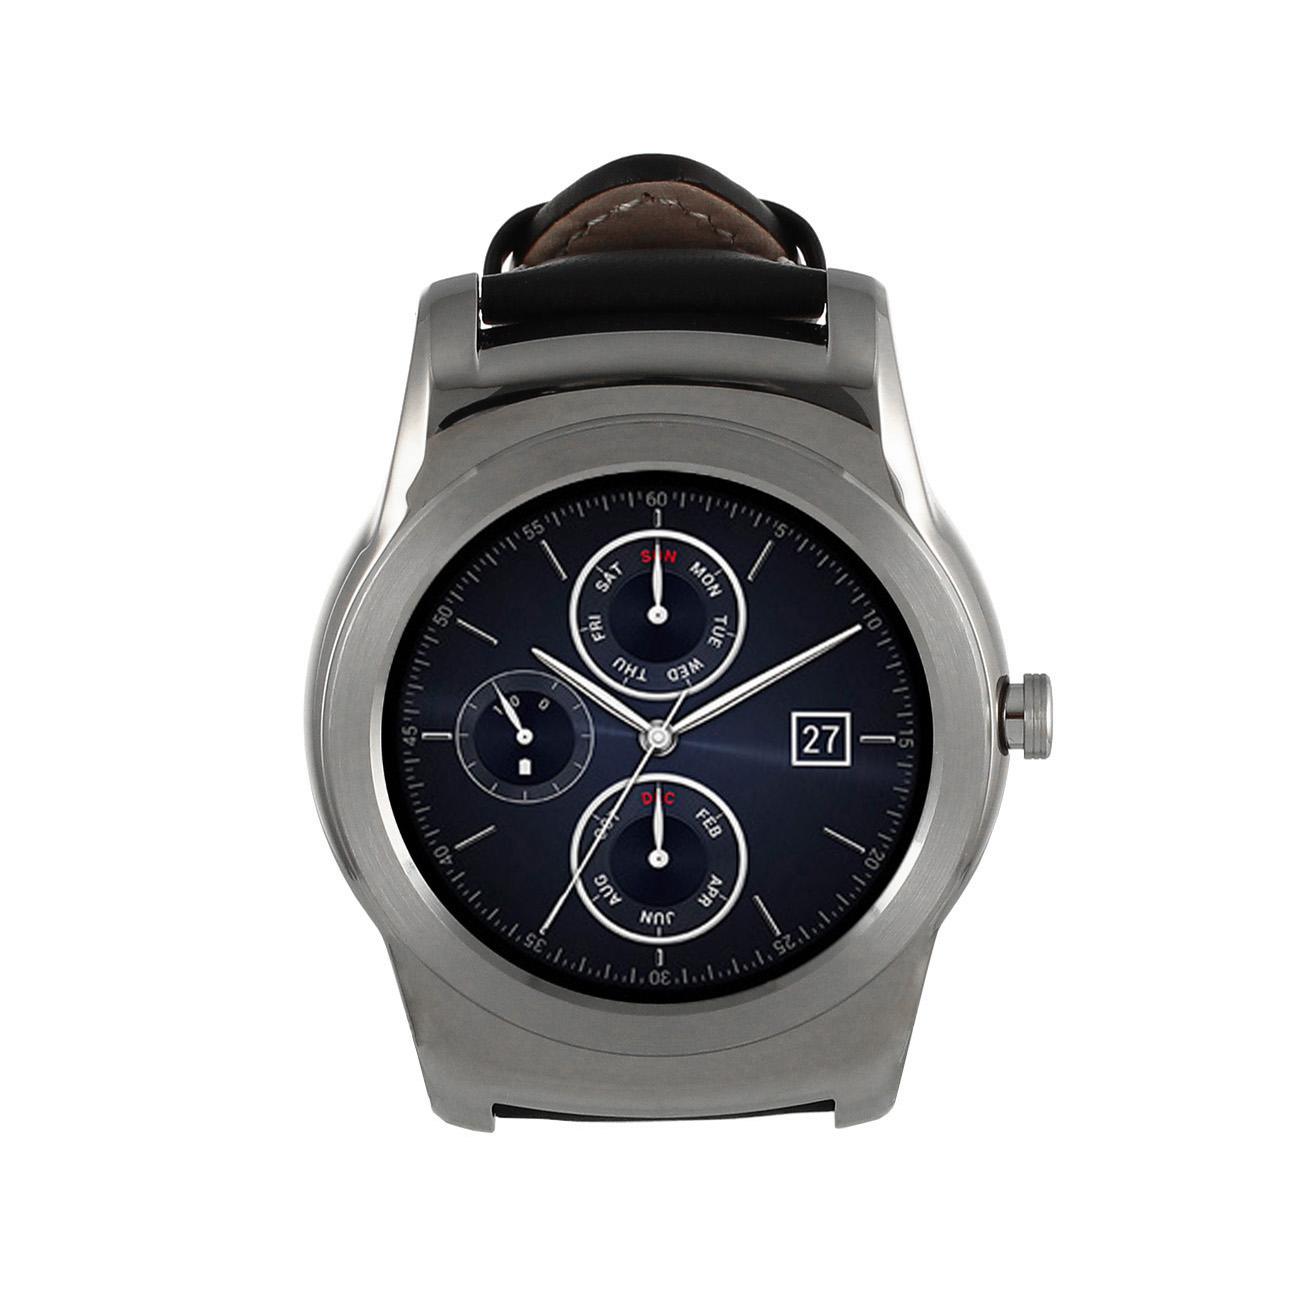 Часы lg watch urbane w — купить сегодня c доставкой и гарантией по выгодной цене.